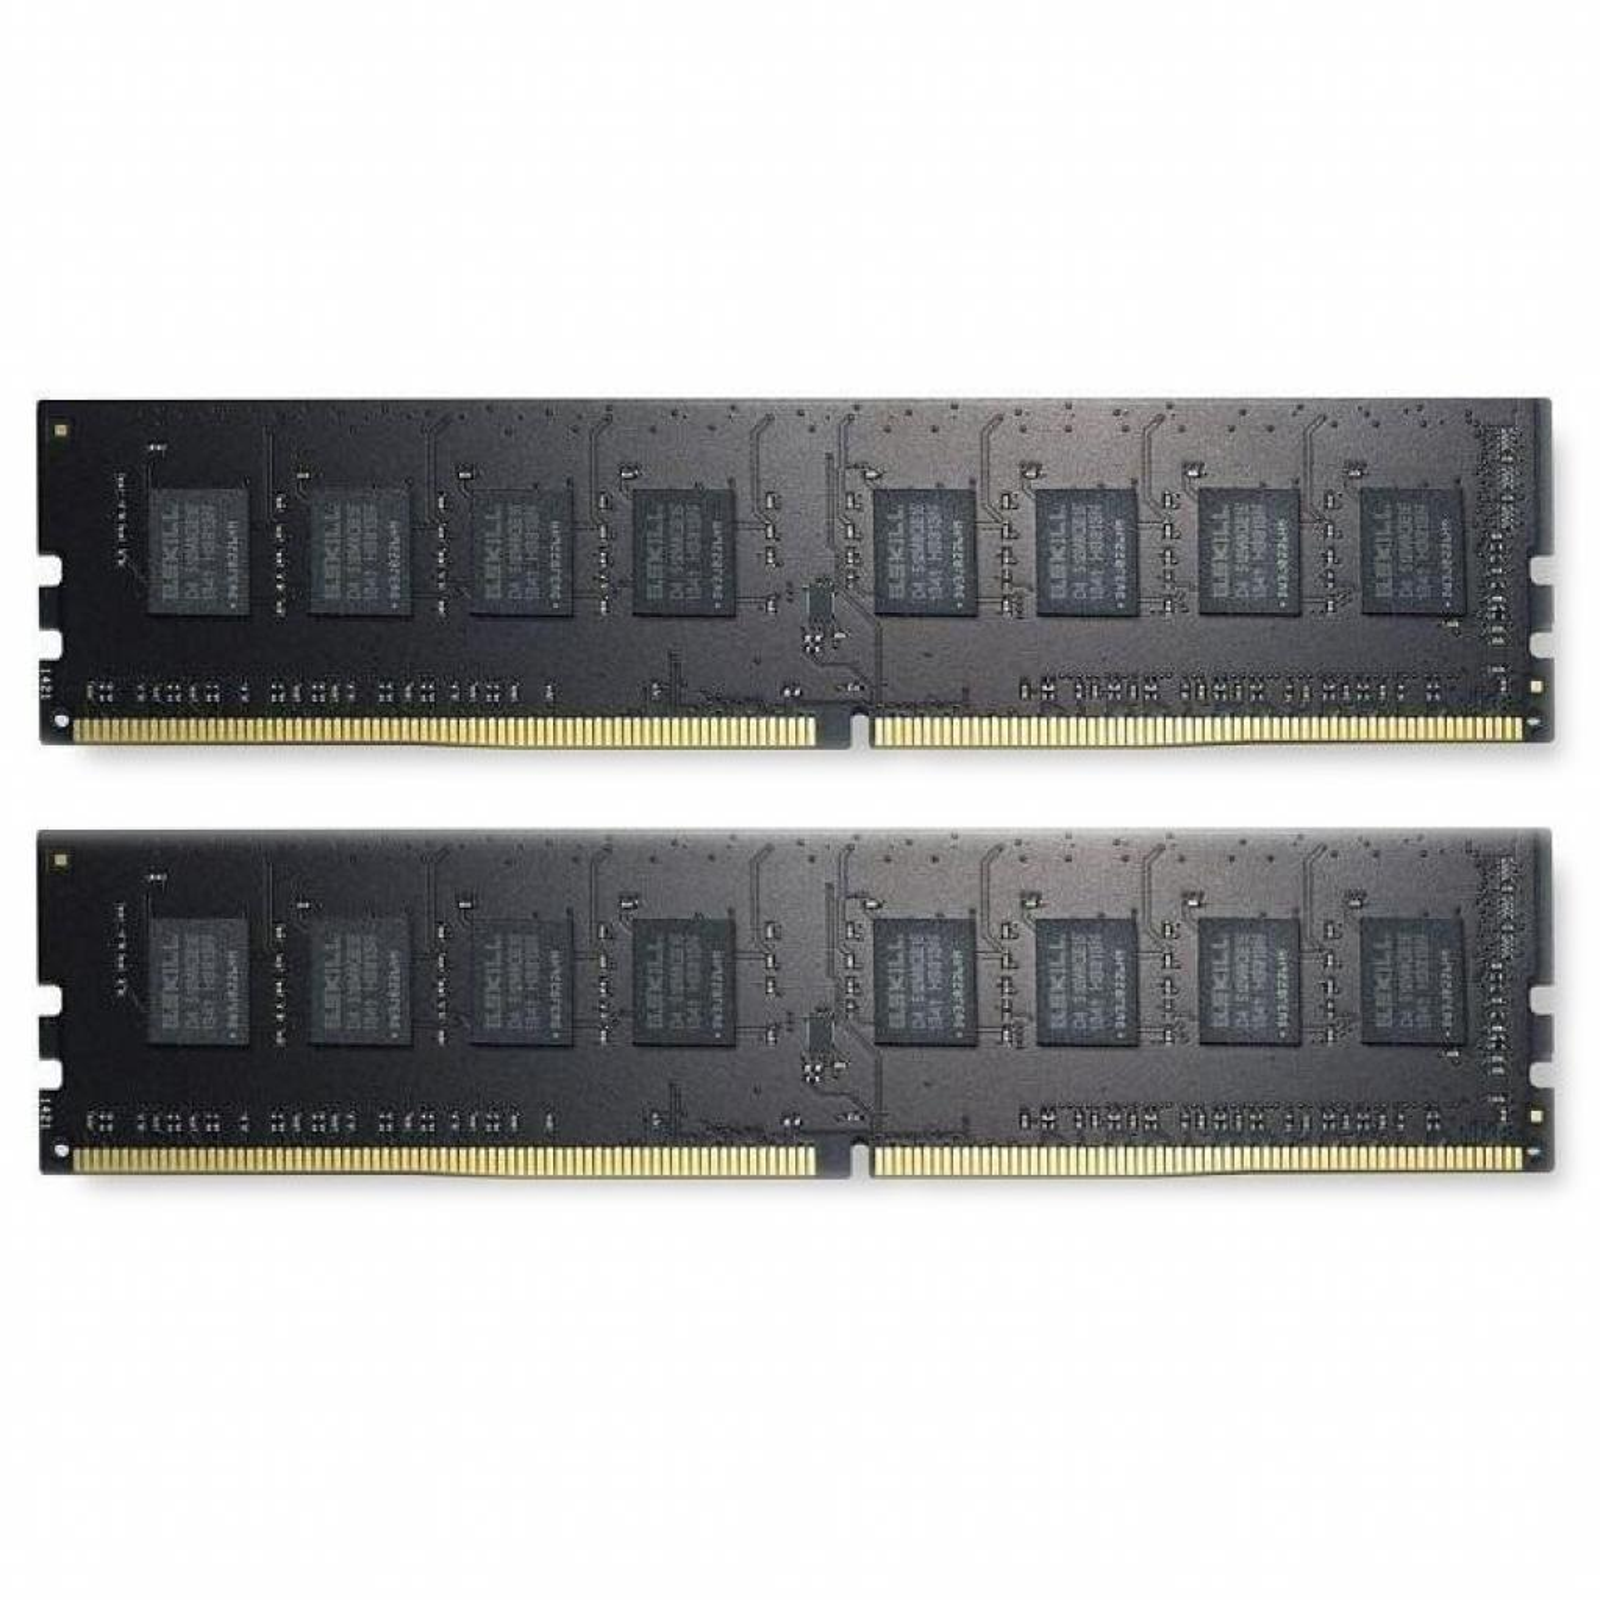 Модуль памяти для компьютера DDR4 8GB (2x4GB) 2800 MHz G.Skill (F4-2800C15D-8GTZB)